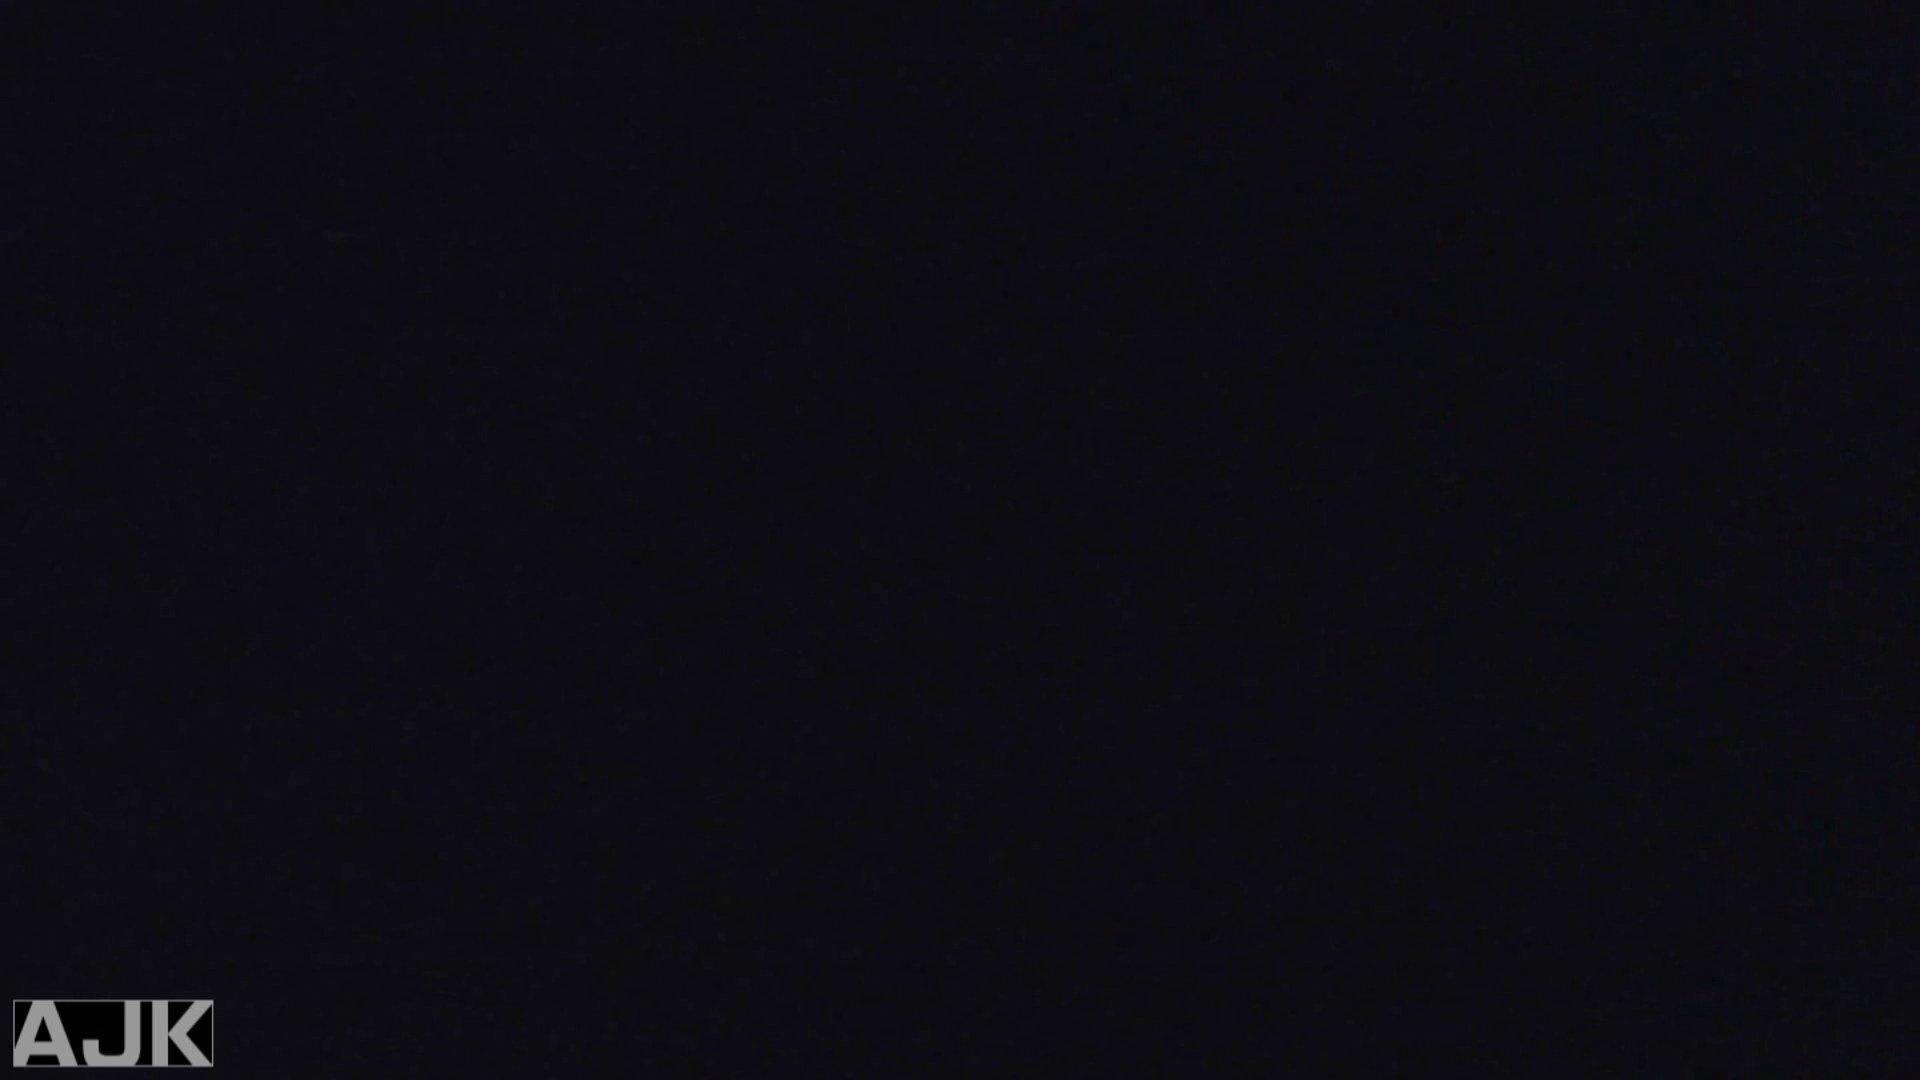 神降臨!史上最強の潜入かわや! vol.23 モロだしオマンコ  96pic 84